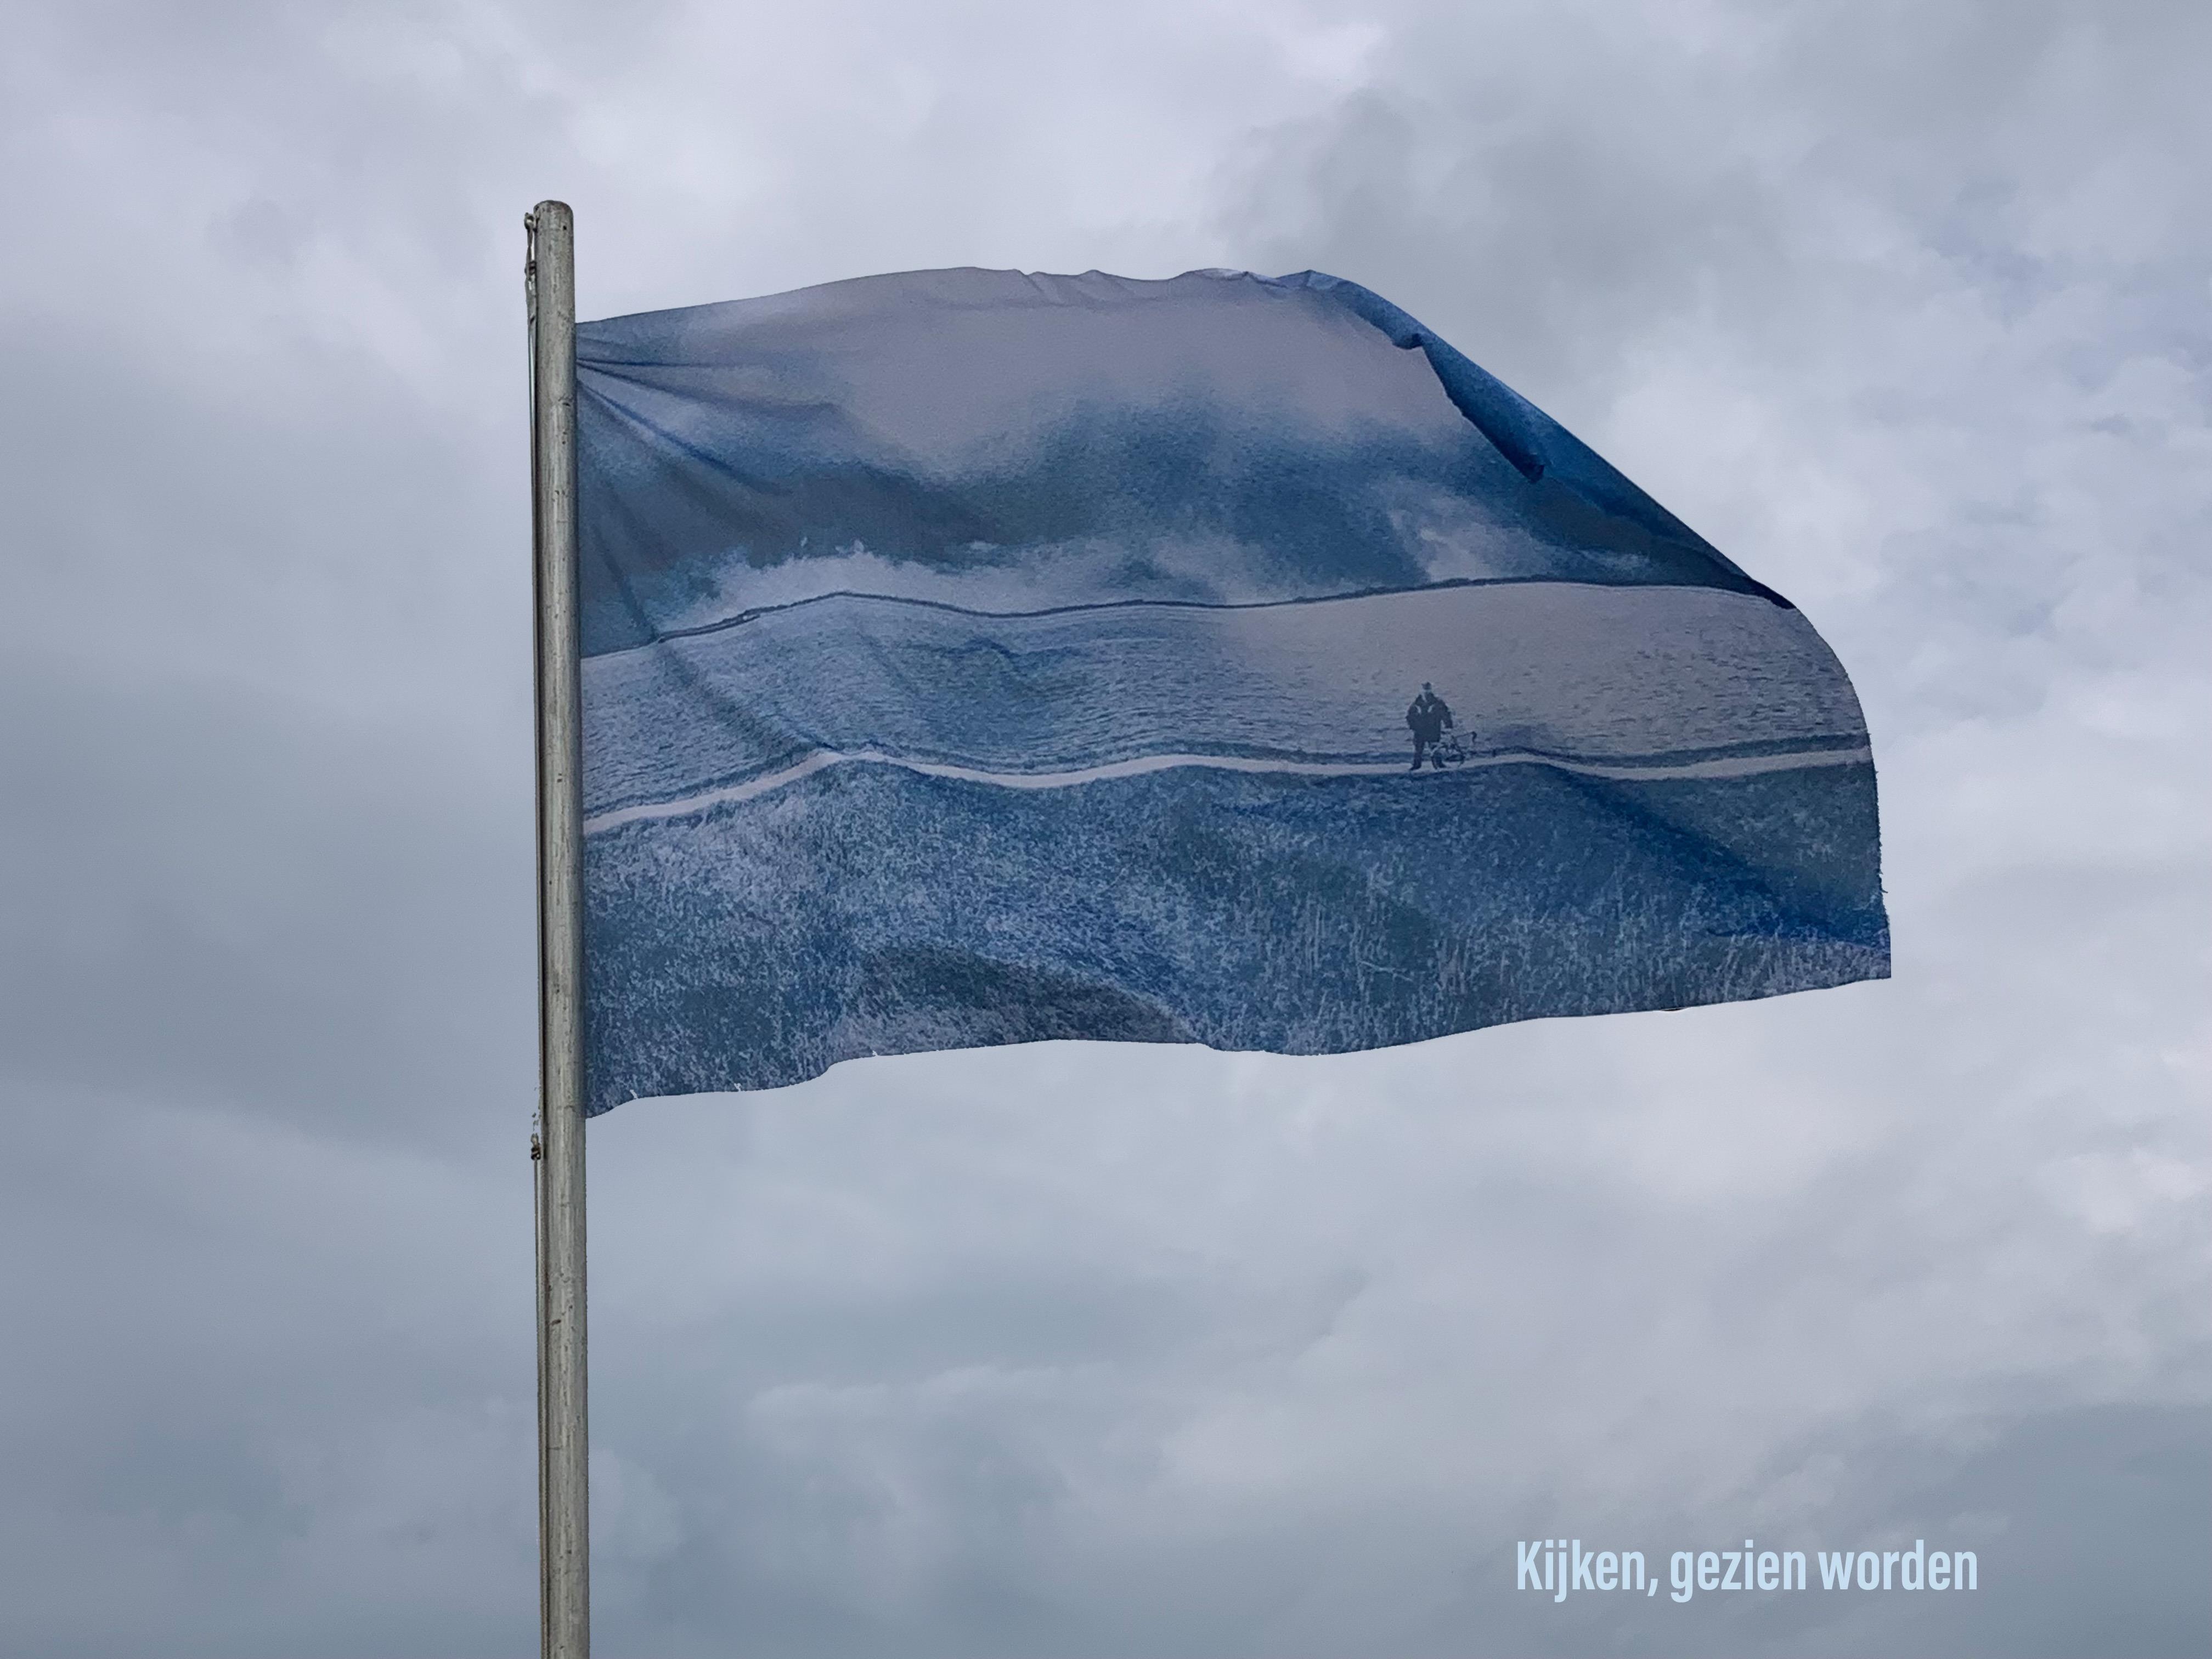 Kijken, gezien worden- 03-07-21, vlag